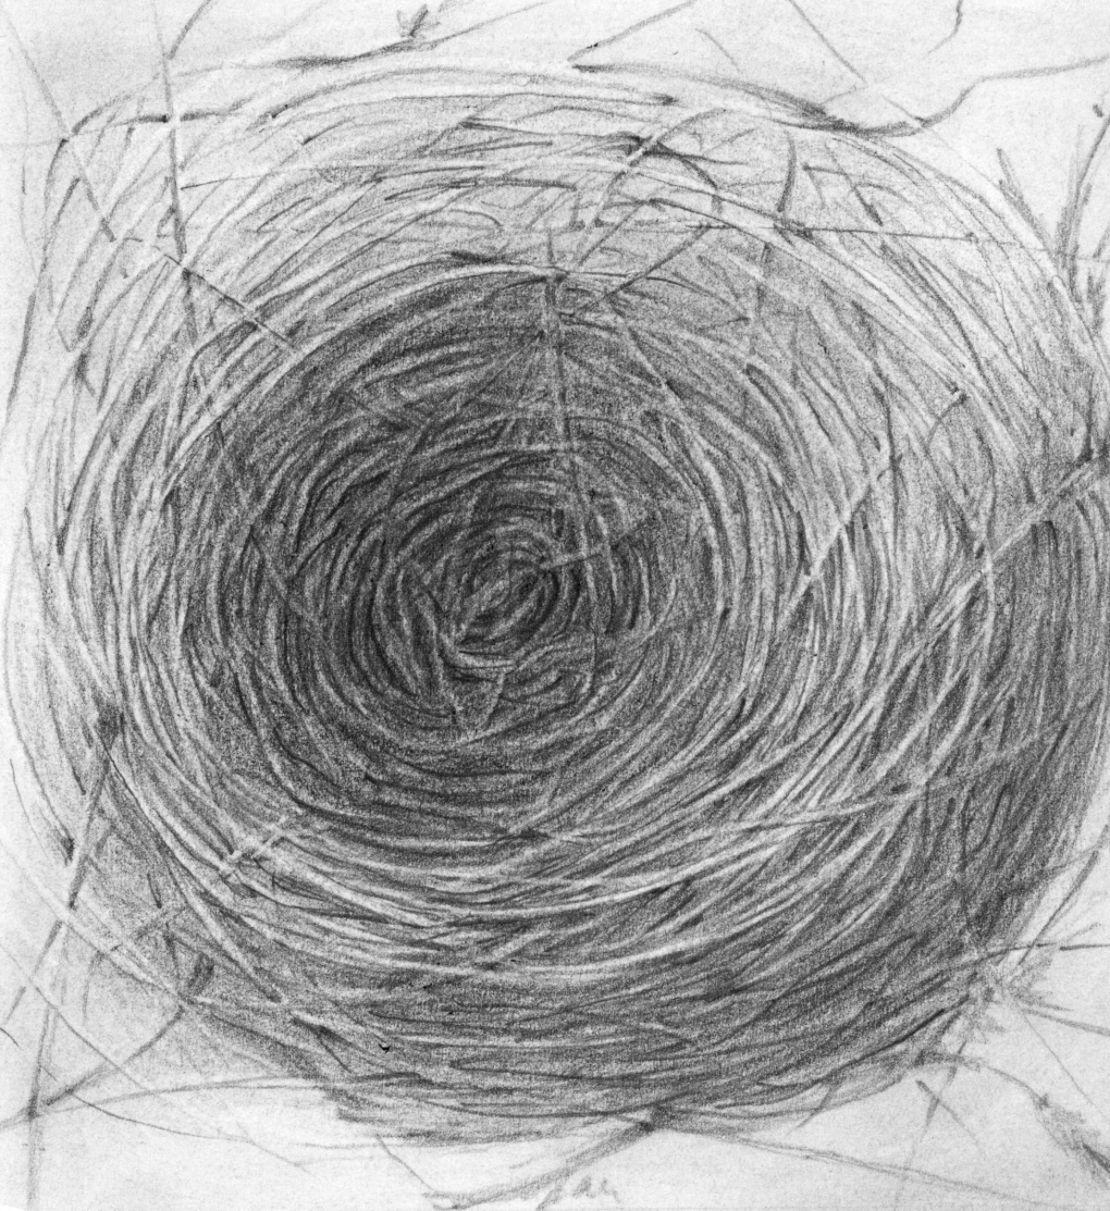 Nest Egg Bird, not necessarily in thatorder